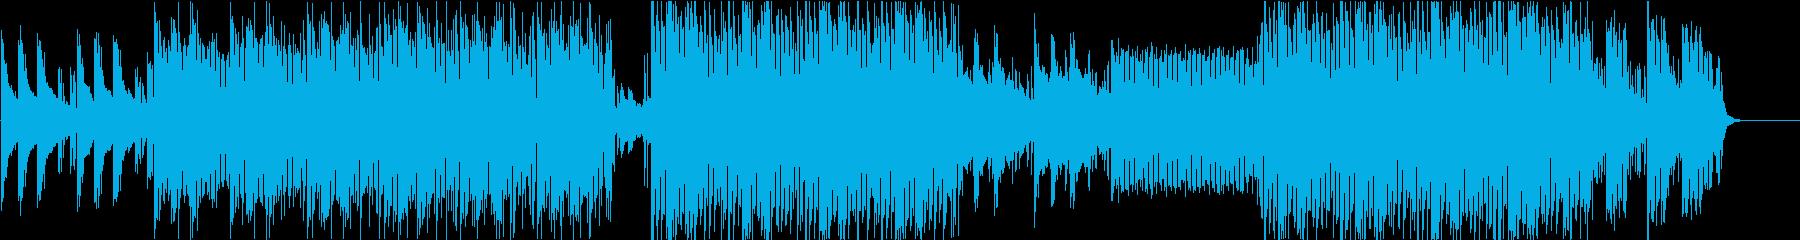 妖しげなマイナー調の4つ打ちエレクトロの再生済みの波形